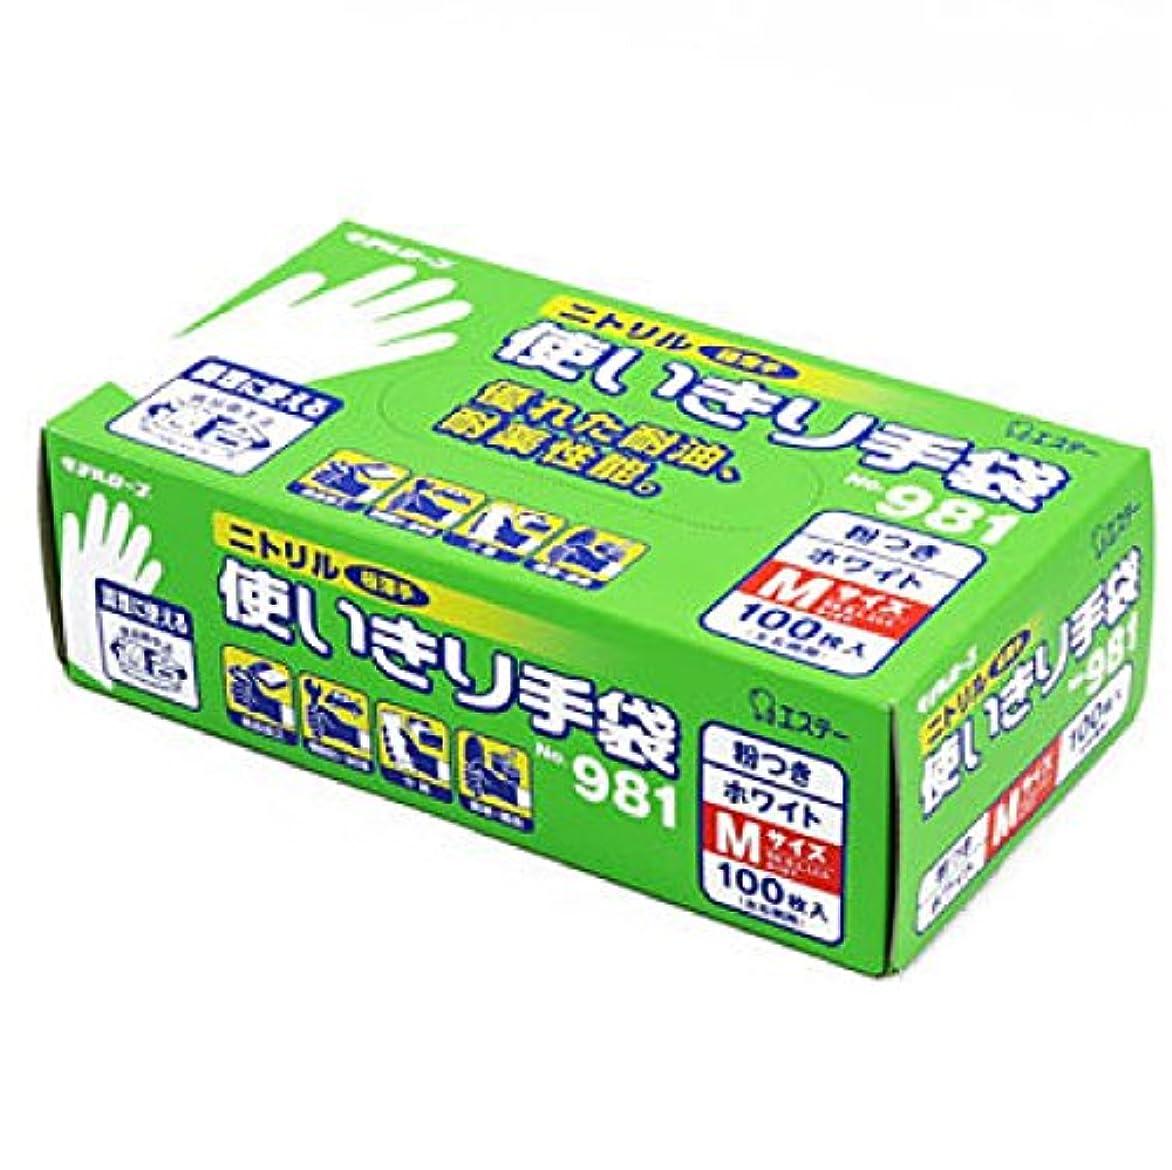 彼らの不潔きちんとしたエステー/ニトリル使いきり手袋 箱入 (粉つき) [100枚入]/品番:981 サイズ:LL カラー:ホワイト